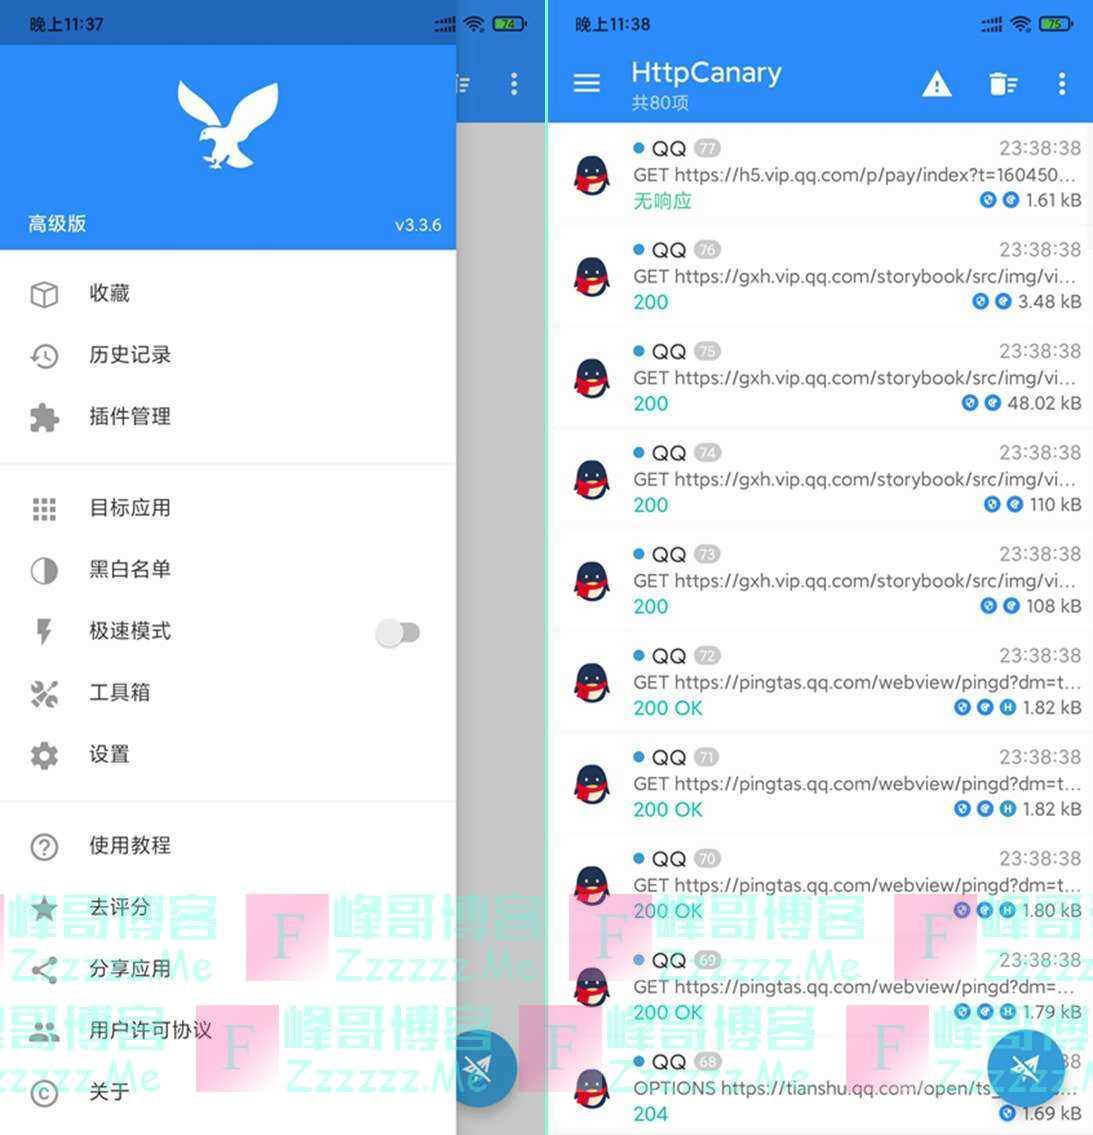 安卓HttpCanary抓包工具V3.3.6 HttpCanary蓝鸟Pro专业破解版下载